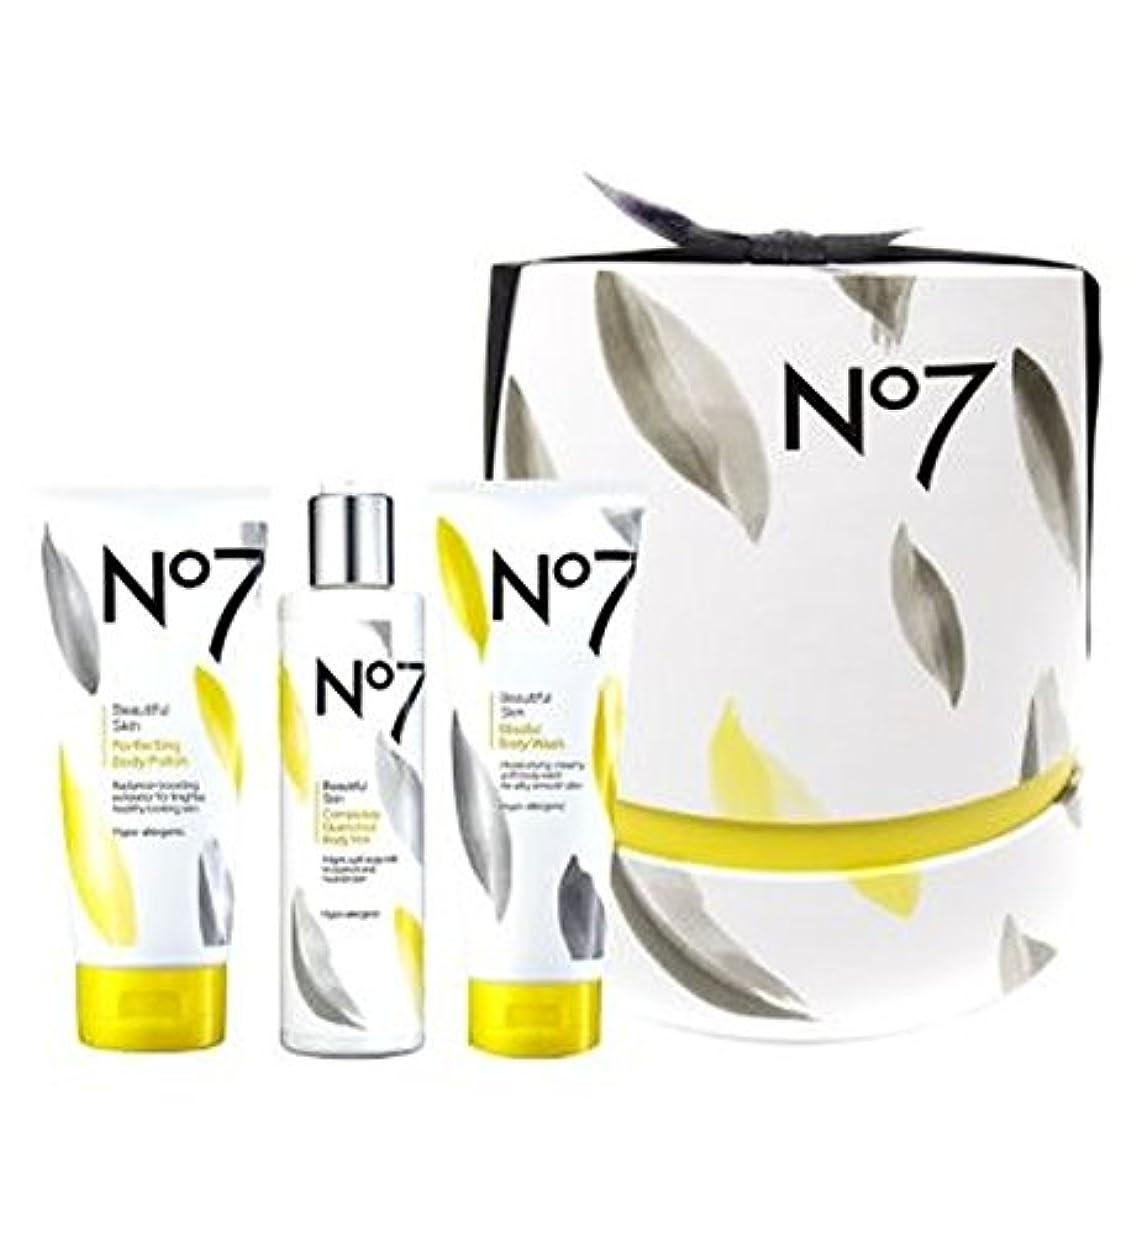 物理的なエキスマージン[No7] No7美しい肌至福のコアコレクションの贈り物 - No7 Beautiful Skin Pampering Core Collection Gift [並行輸入品]